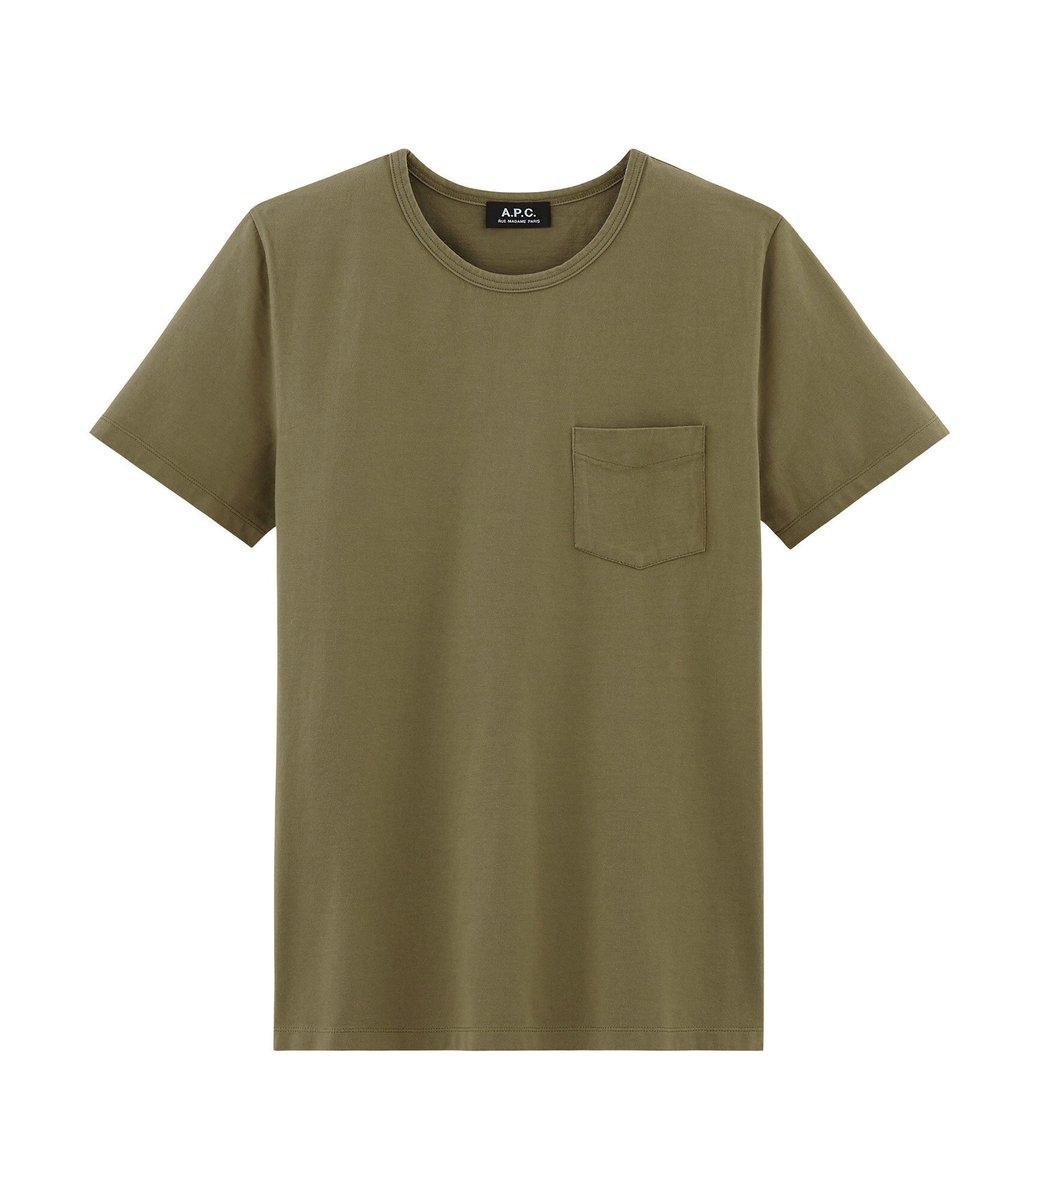 #APC 2017年 秋コレクション Lilo Tシャツ https://t.co/kCzmMcUkMs https://t.co/fTIzBiz4f9